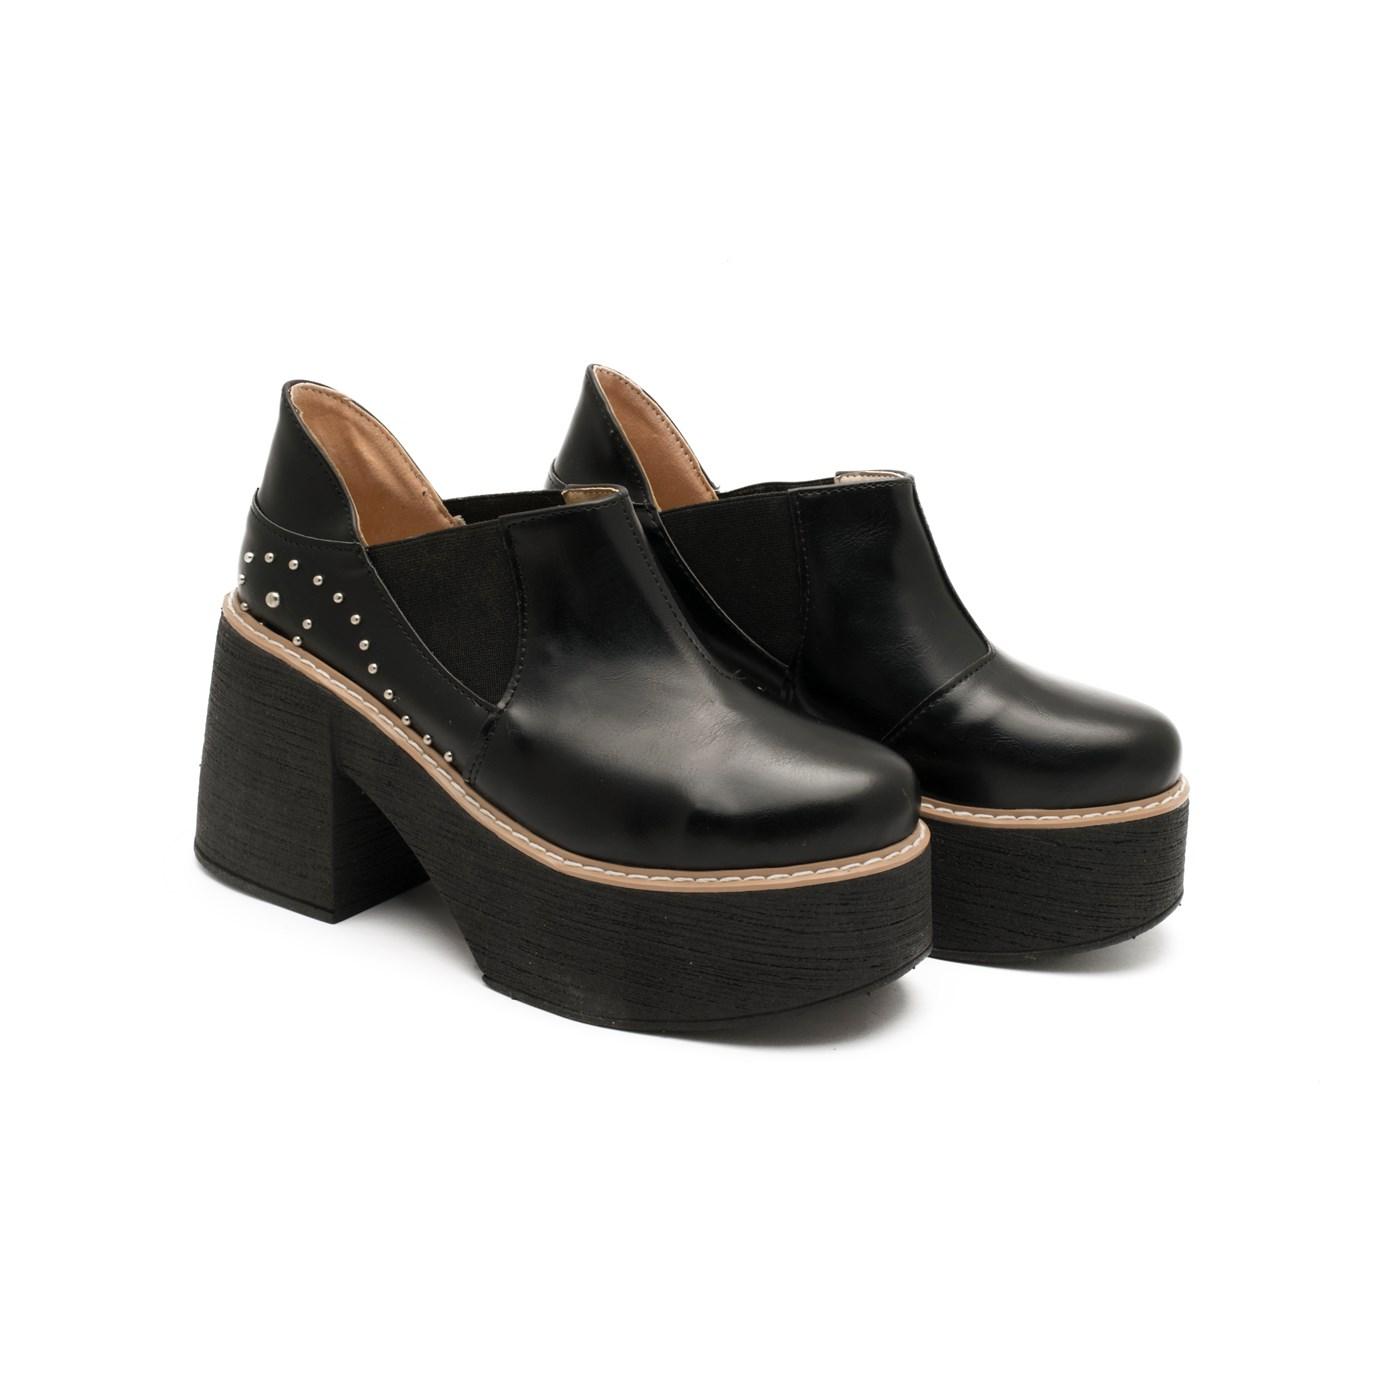 gran descuento de 2019 oferta especial buena calidad Zapato Mujer Con Plataforma Invierno 2019